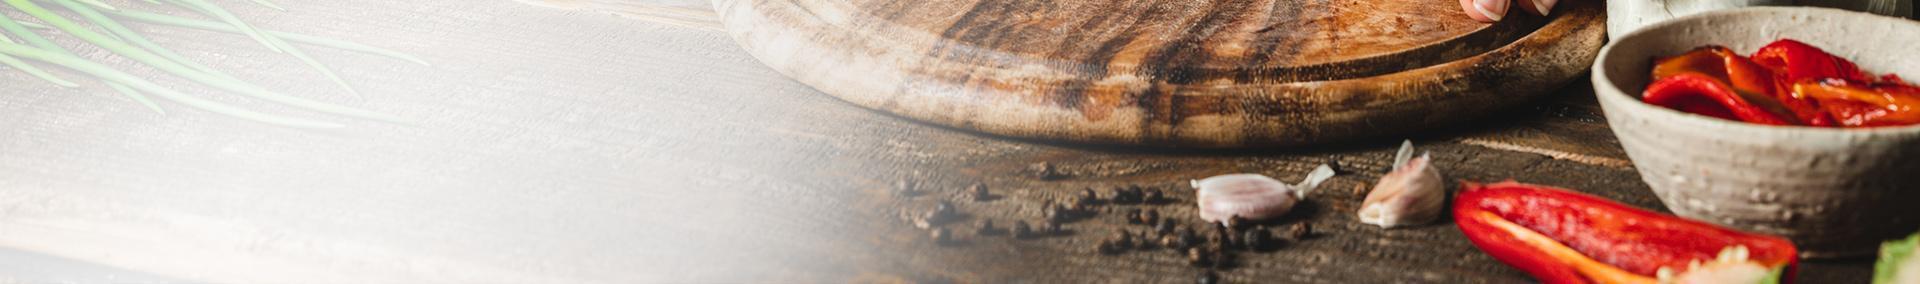 Przyprawy obok czerwonej papryki leżące na blacie